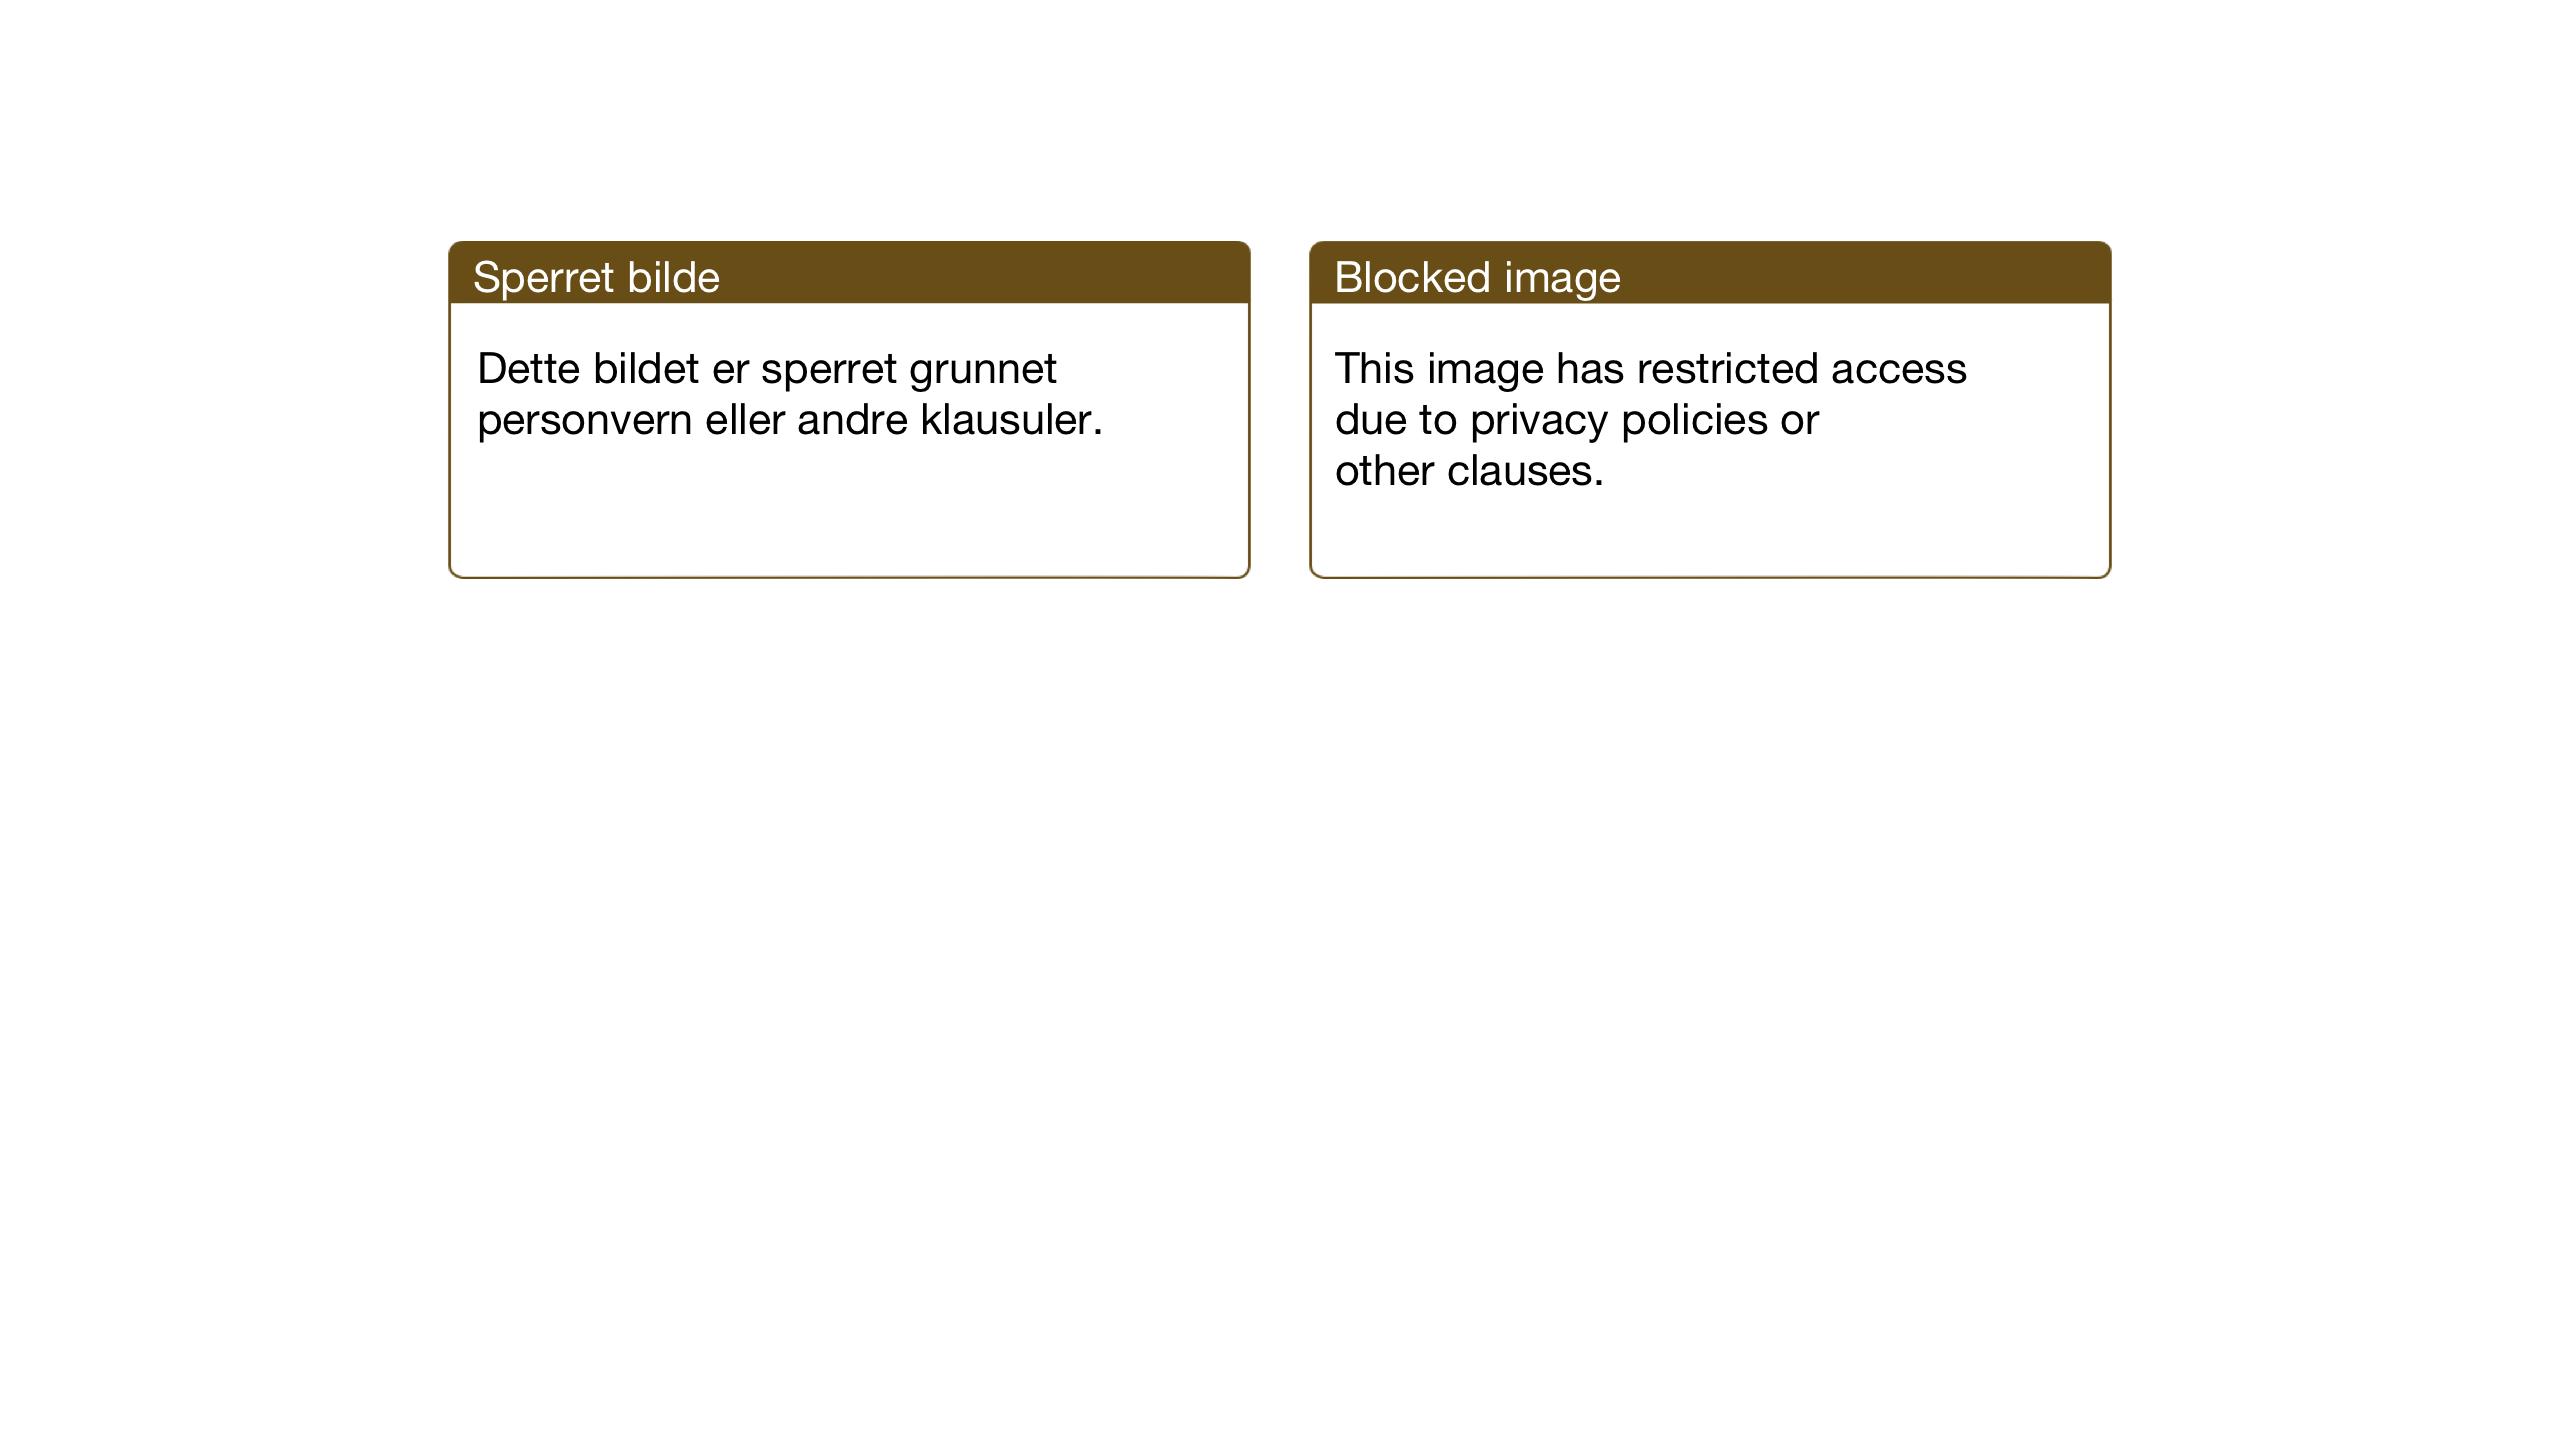 SAT, Ministerialprotokoller, klokkerbøker og fødselsregistre - Sør-Trøndelag, 611/L0356: Klokkerbok nr. 611C04, 1914-1938, s. 72